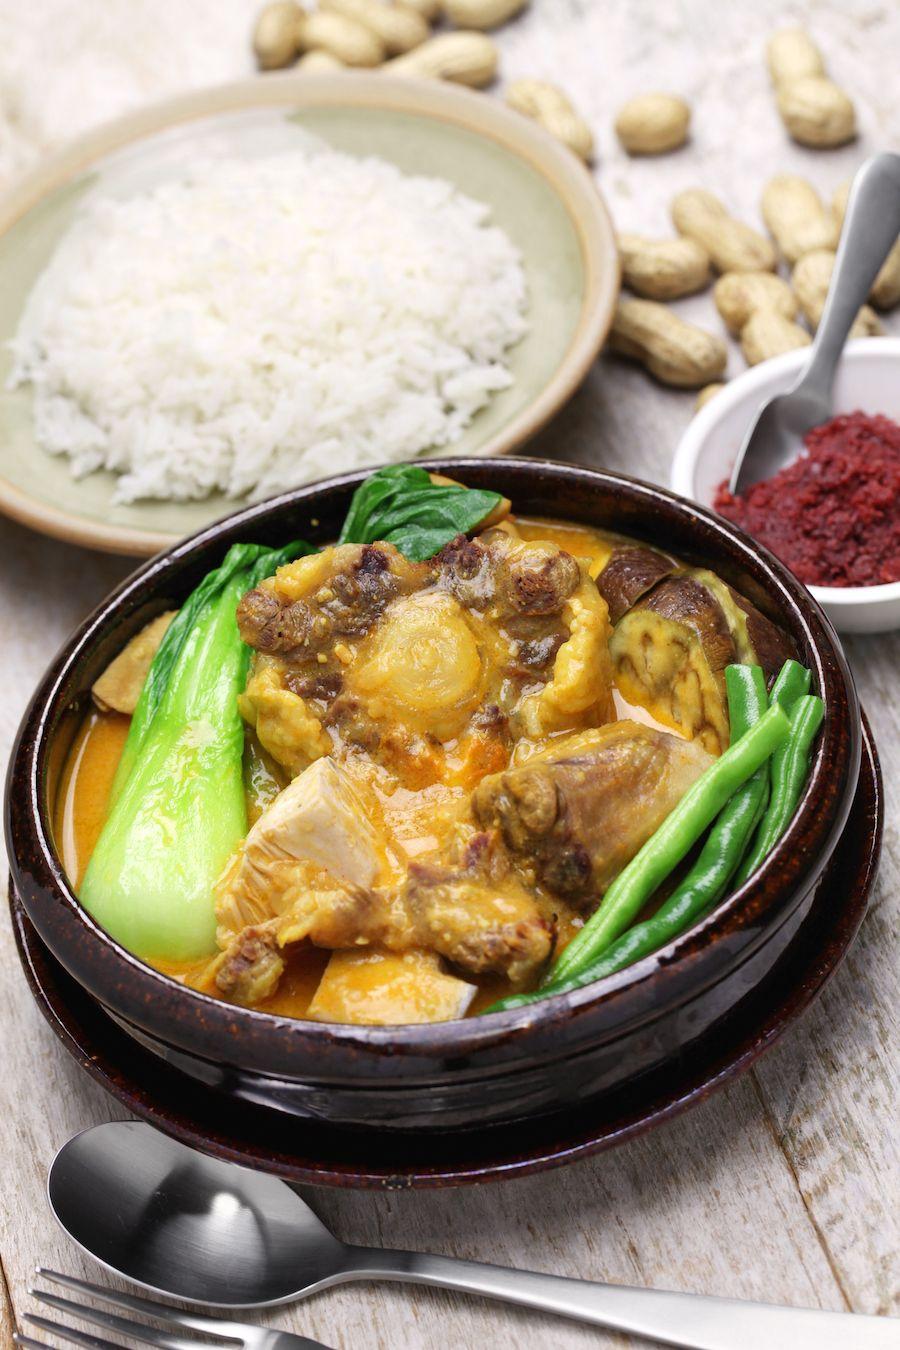 Dit zijn dé gerechten uit de Filipijnen die je moet kennen